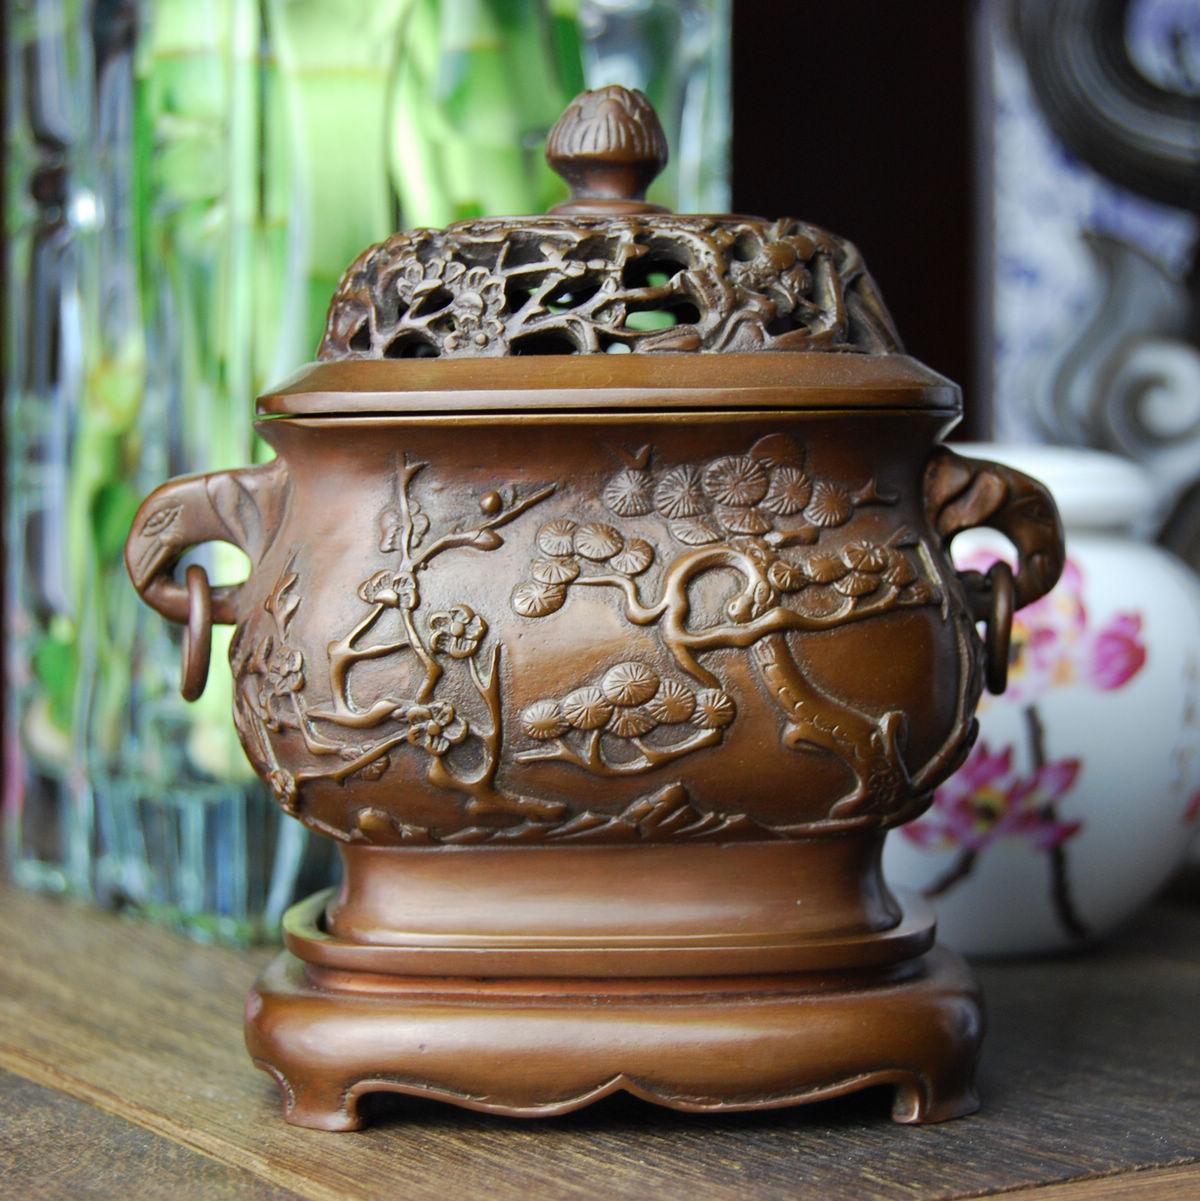 古铜官 纯铜香炉紫铜香薰炉 香拓香道用品香篆铜香炉带盖炉佛教商品图